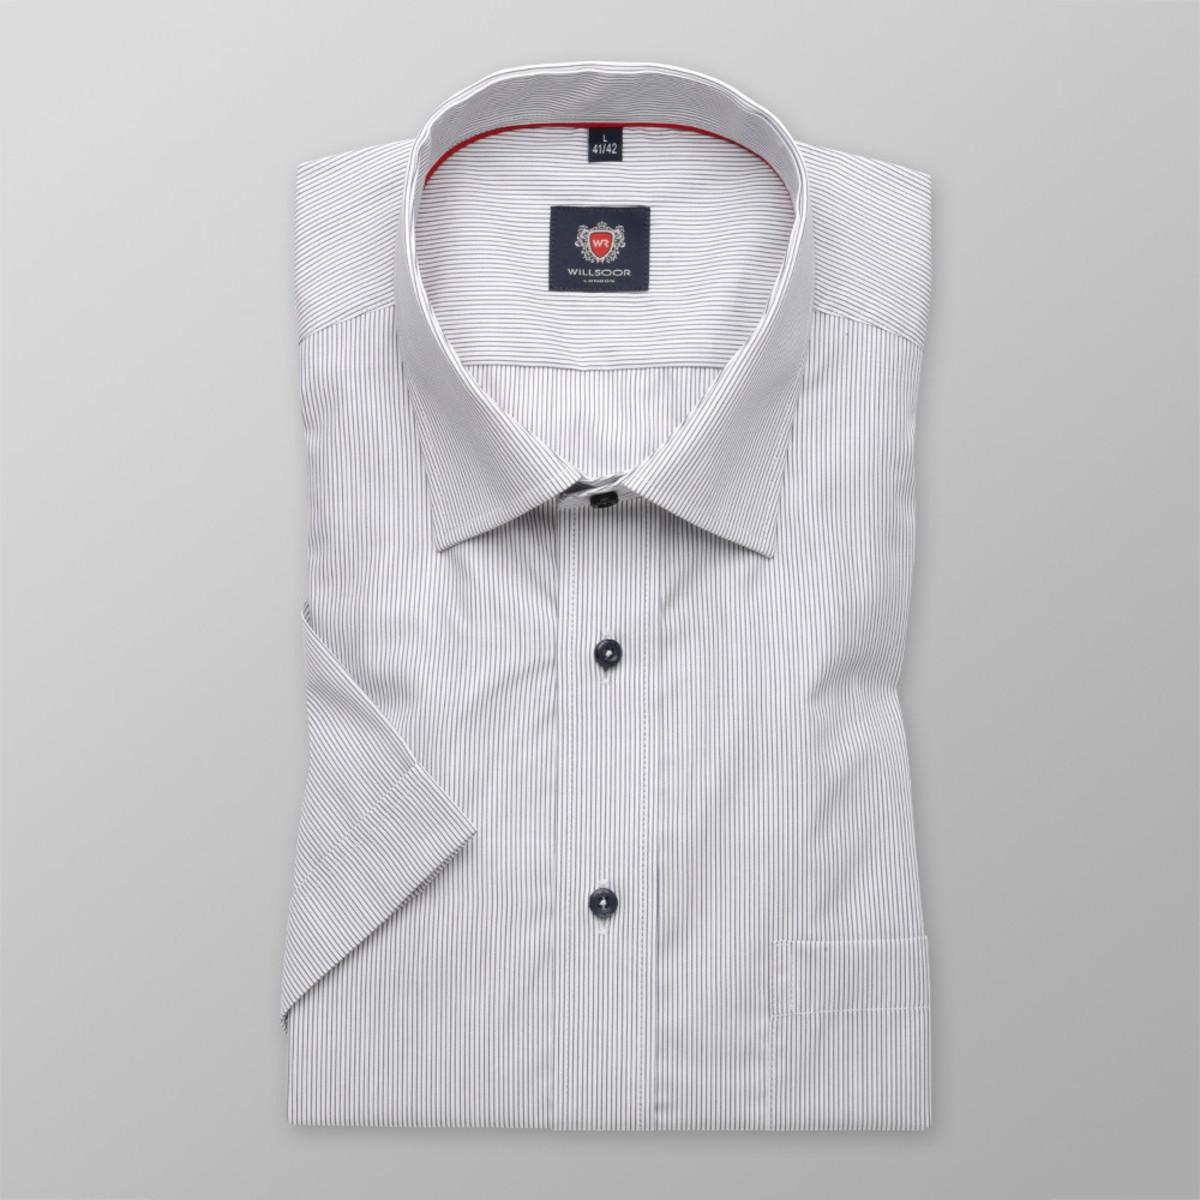 Košile London (výška 176-182) 9374 176-182 / L (41/42)